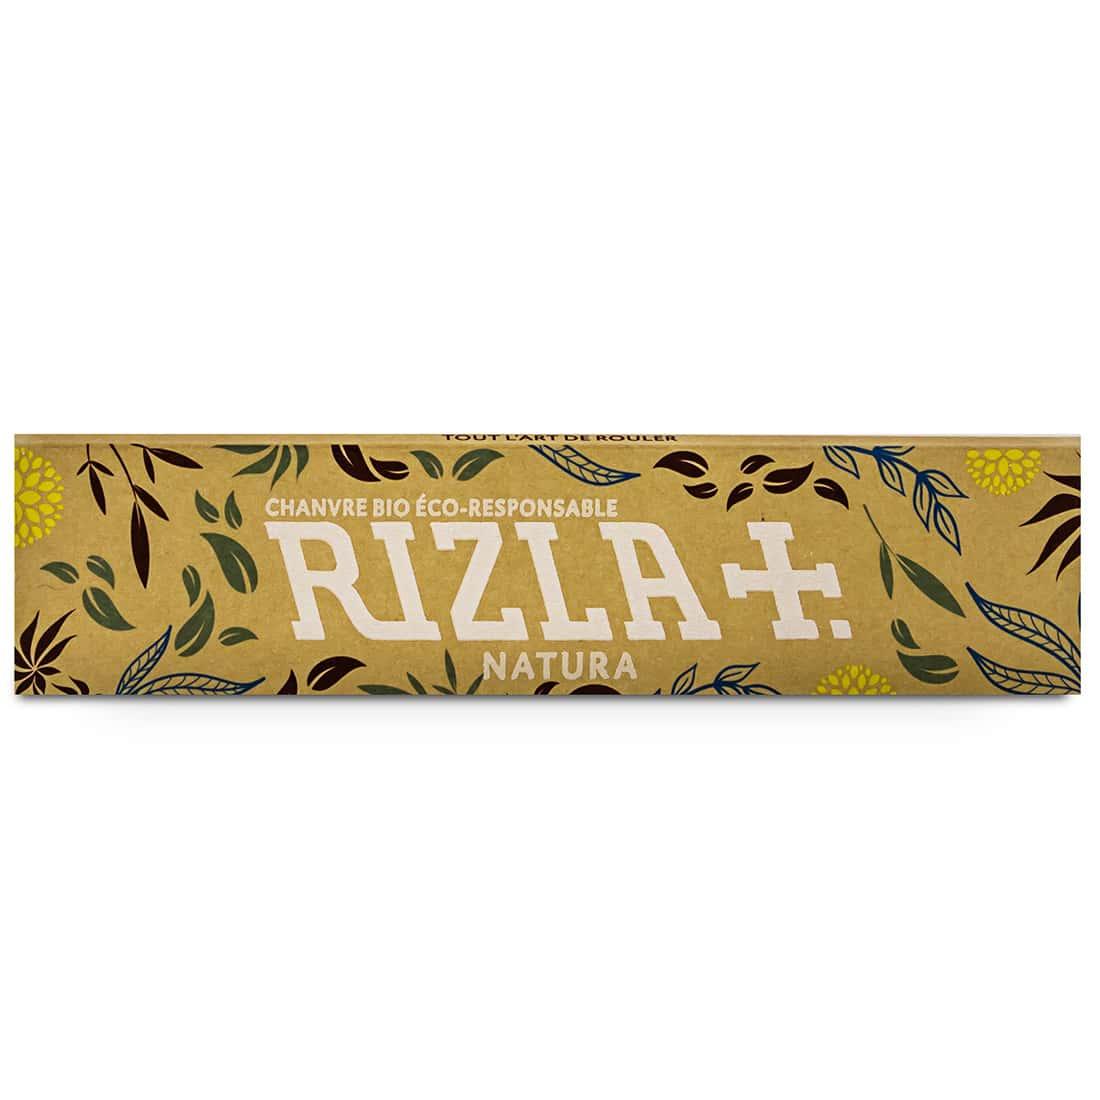 Photo #2 de Papier à rouler Rizla + Natura Slim x 50